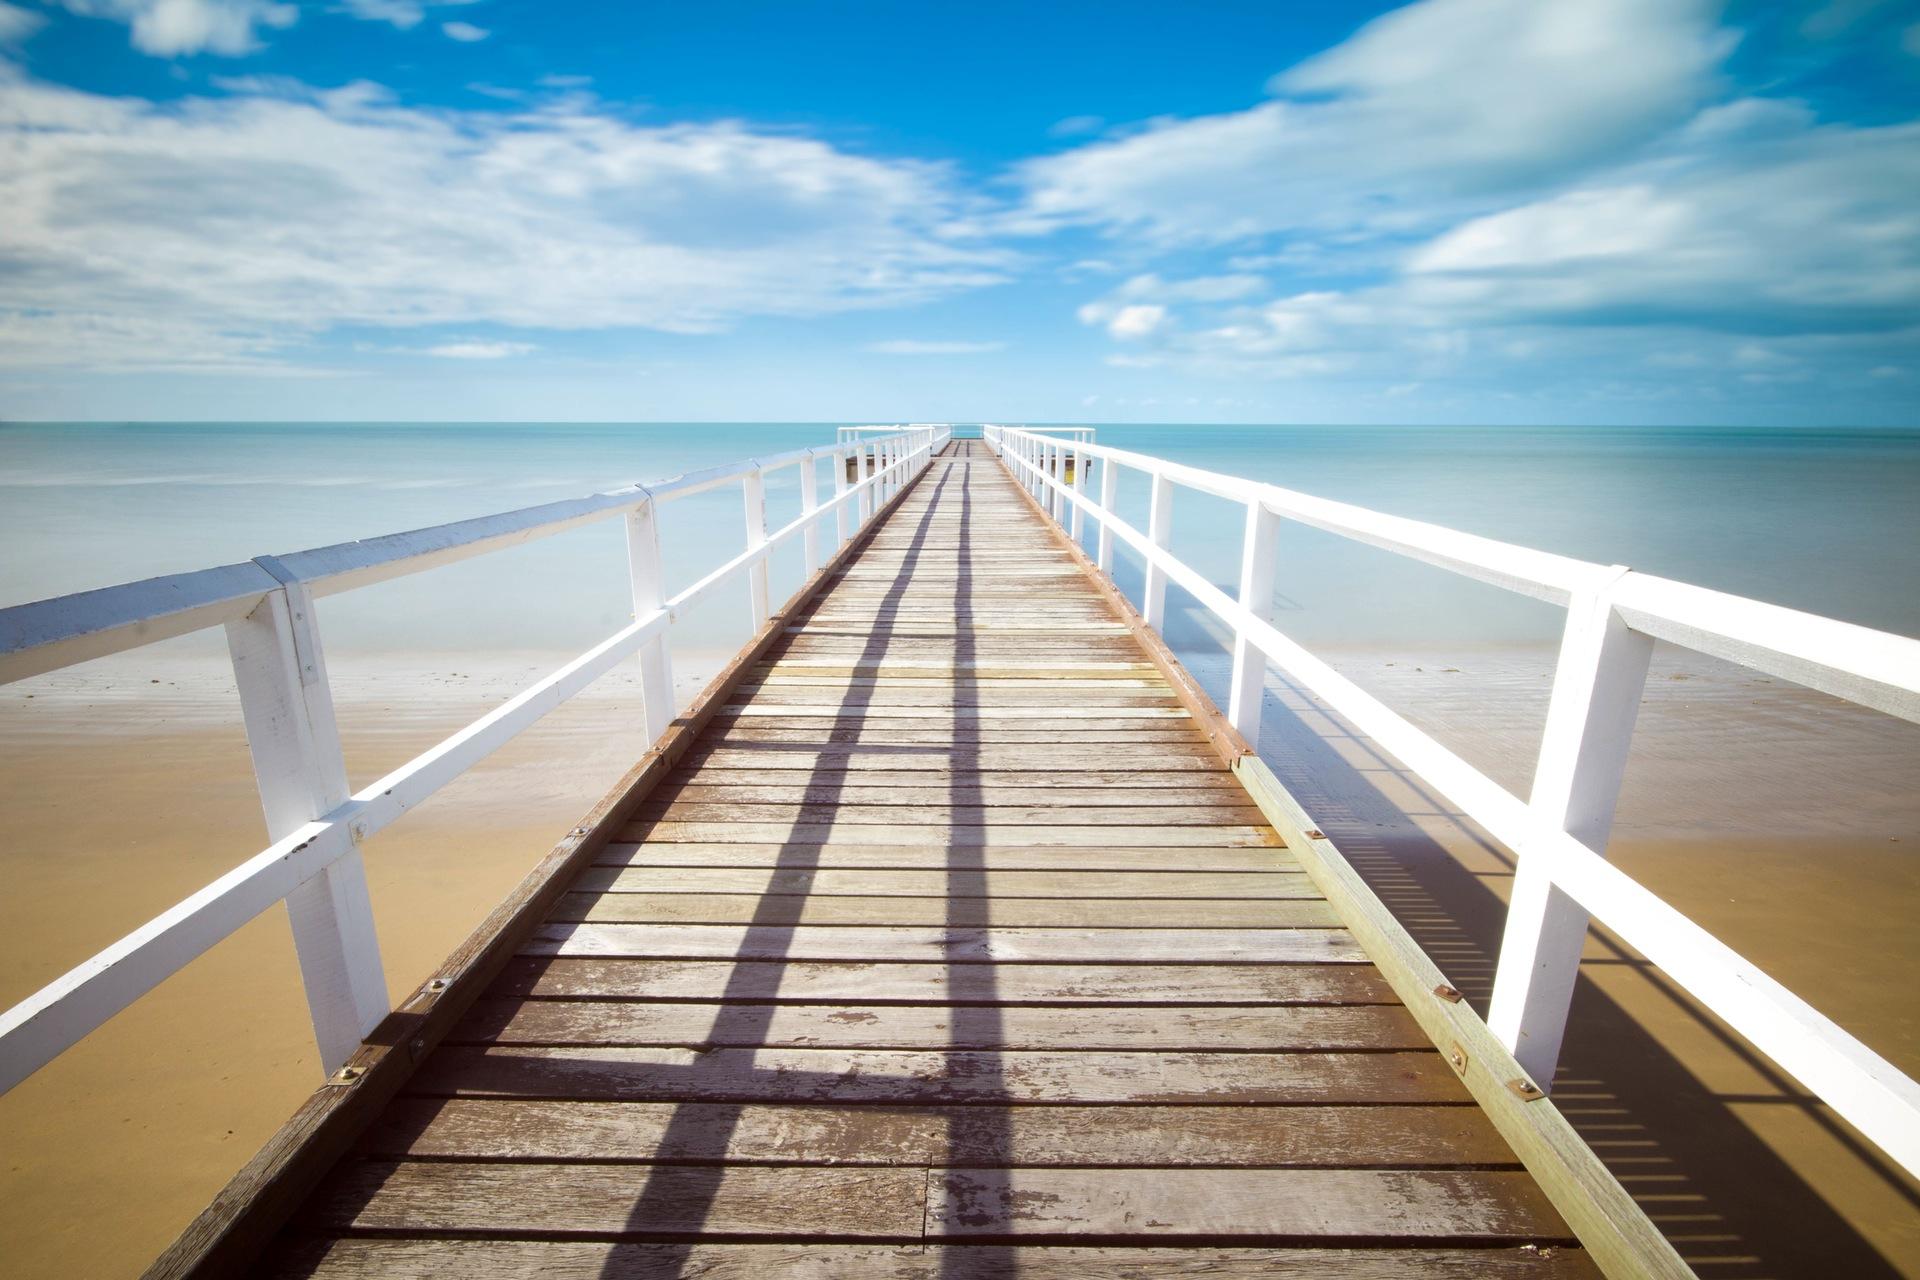 Embarcadero, Spiaggia, estate, rilassarsi, Cielo, Mare, acqua, Blu - Sfondi HD - Professor-falken.com